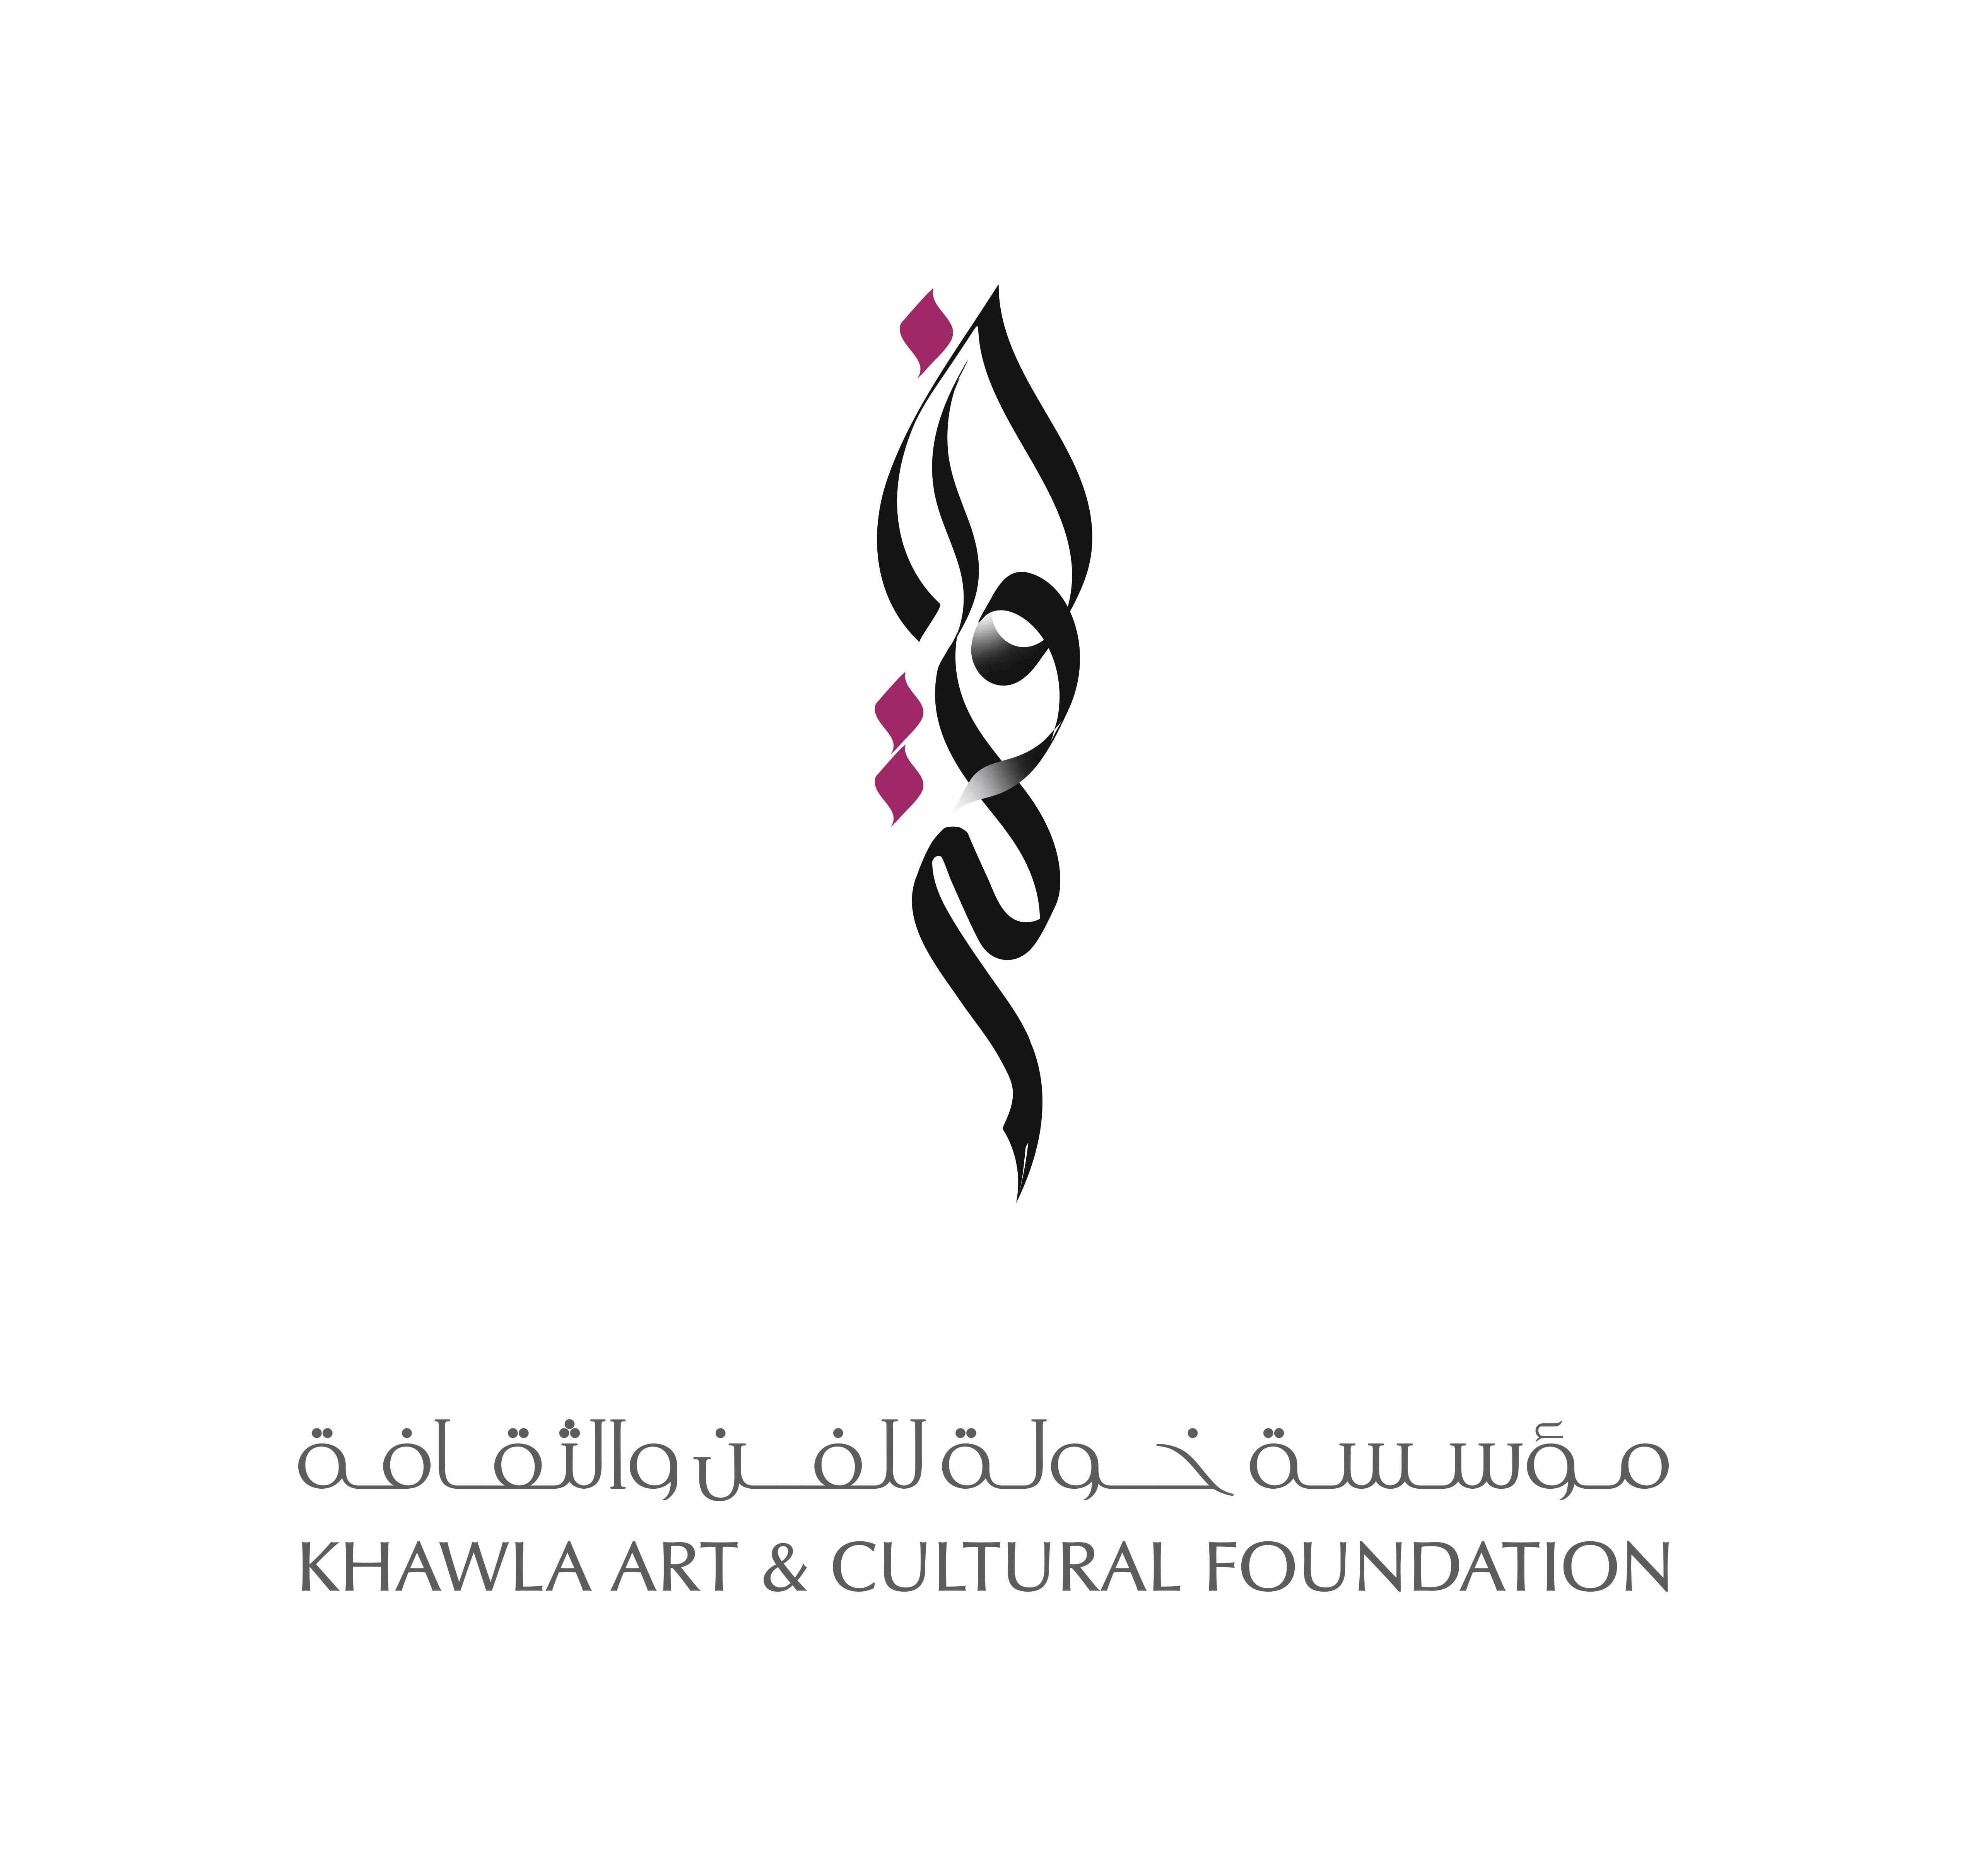 خولة السويدي : الإمارات أولت المبدعين والمفكرين اهتماما لافتا